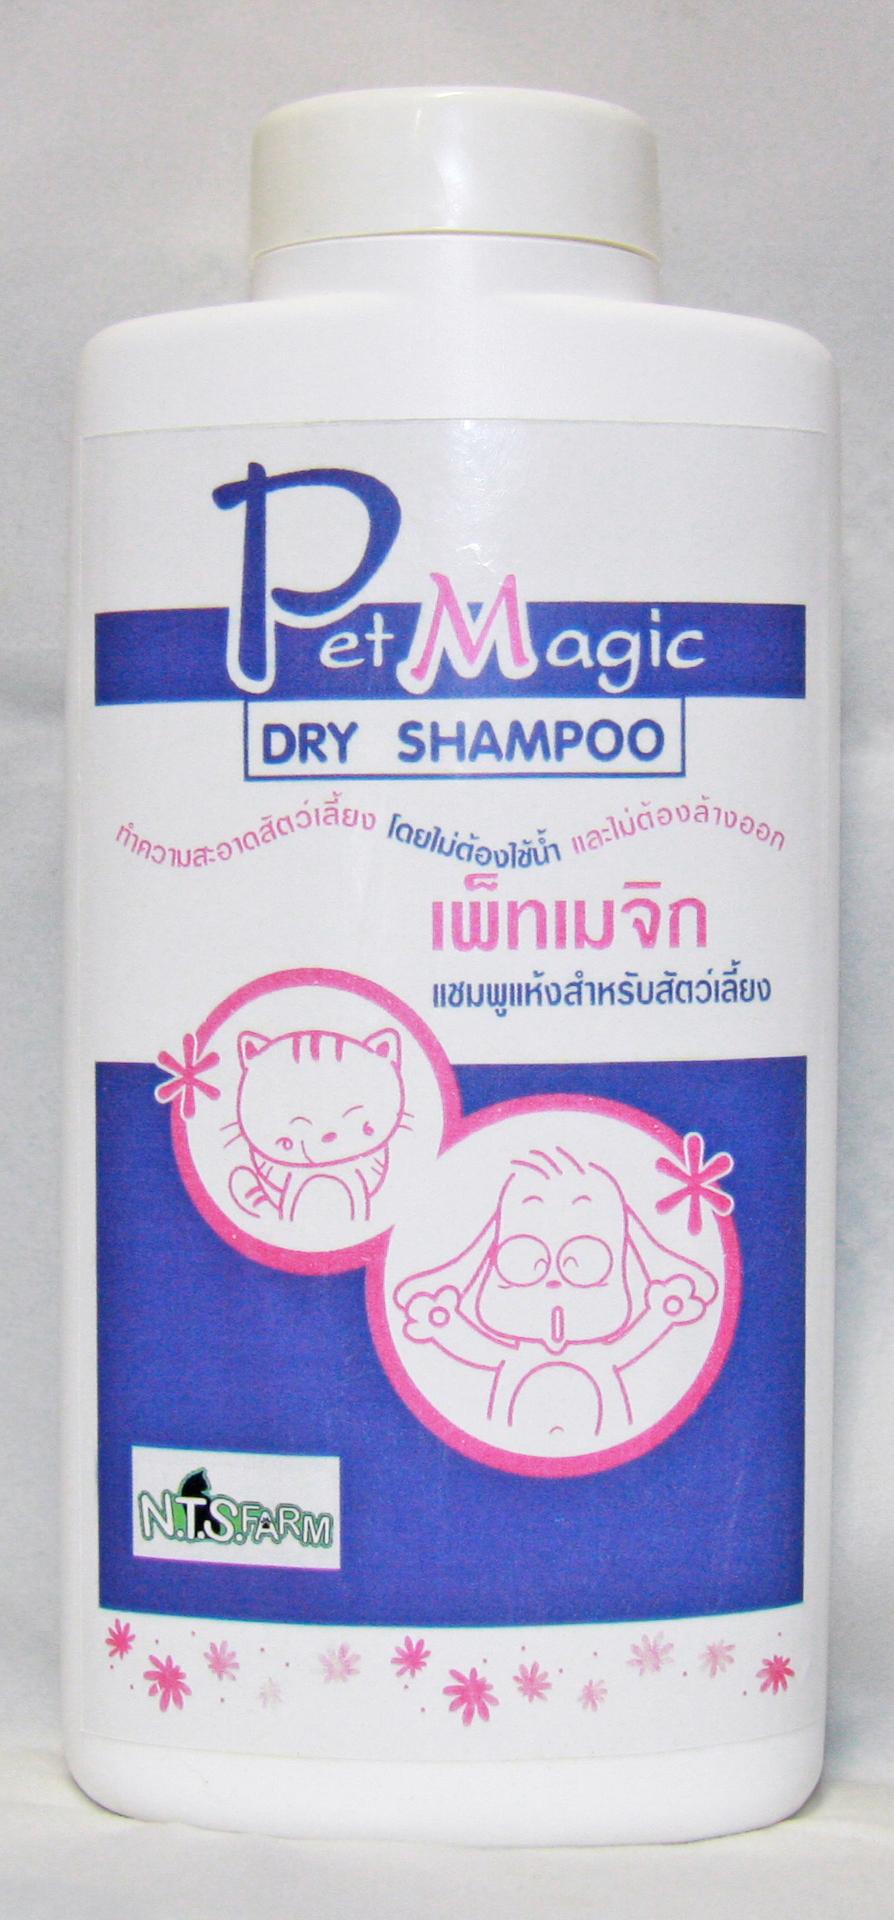 แชมพูขจัดคราบสัตว์เลี้ยง Pet Magic (160g.) : Dry Shampoo